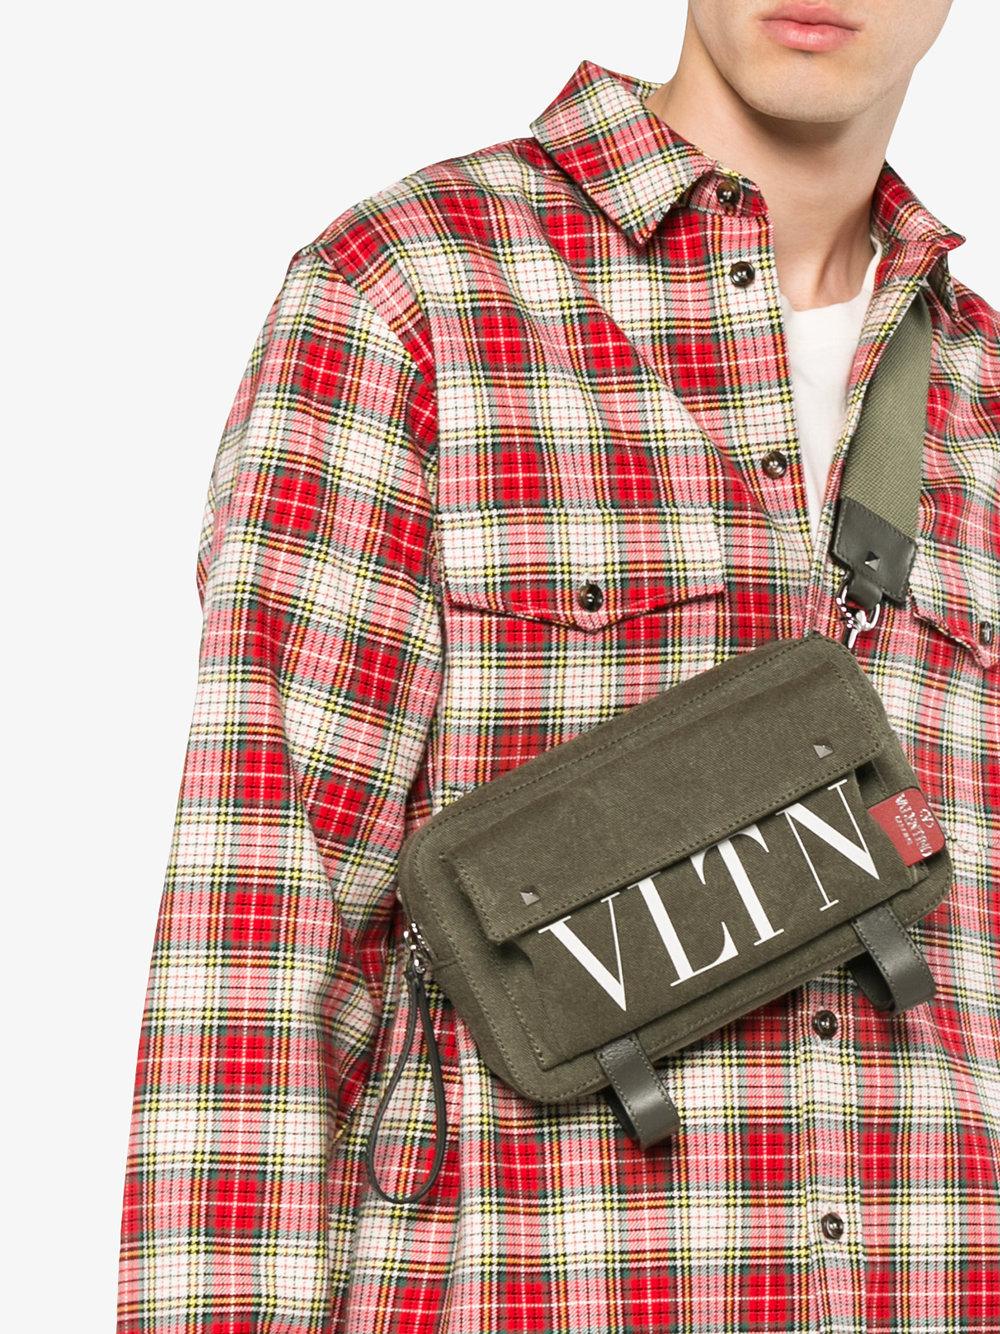 PAUSE Picks: 10 Bags to Drop this Week